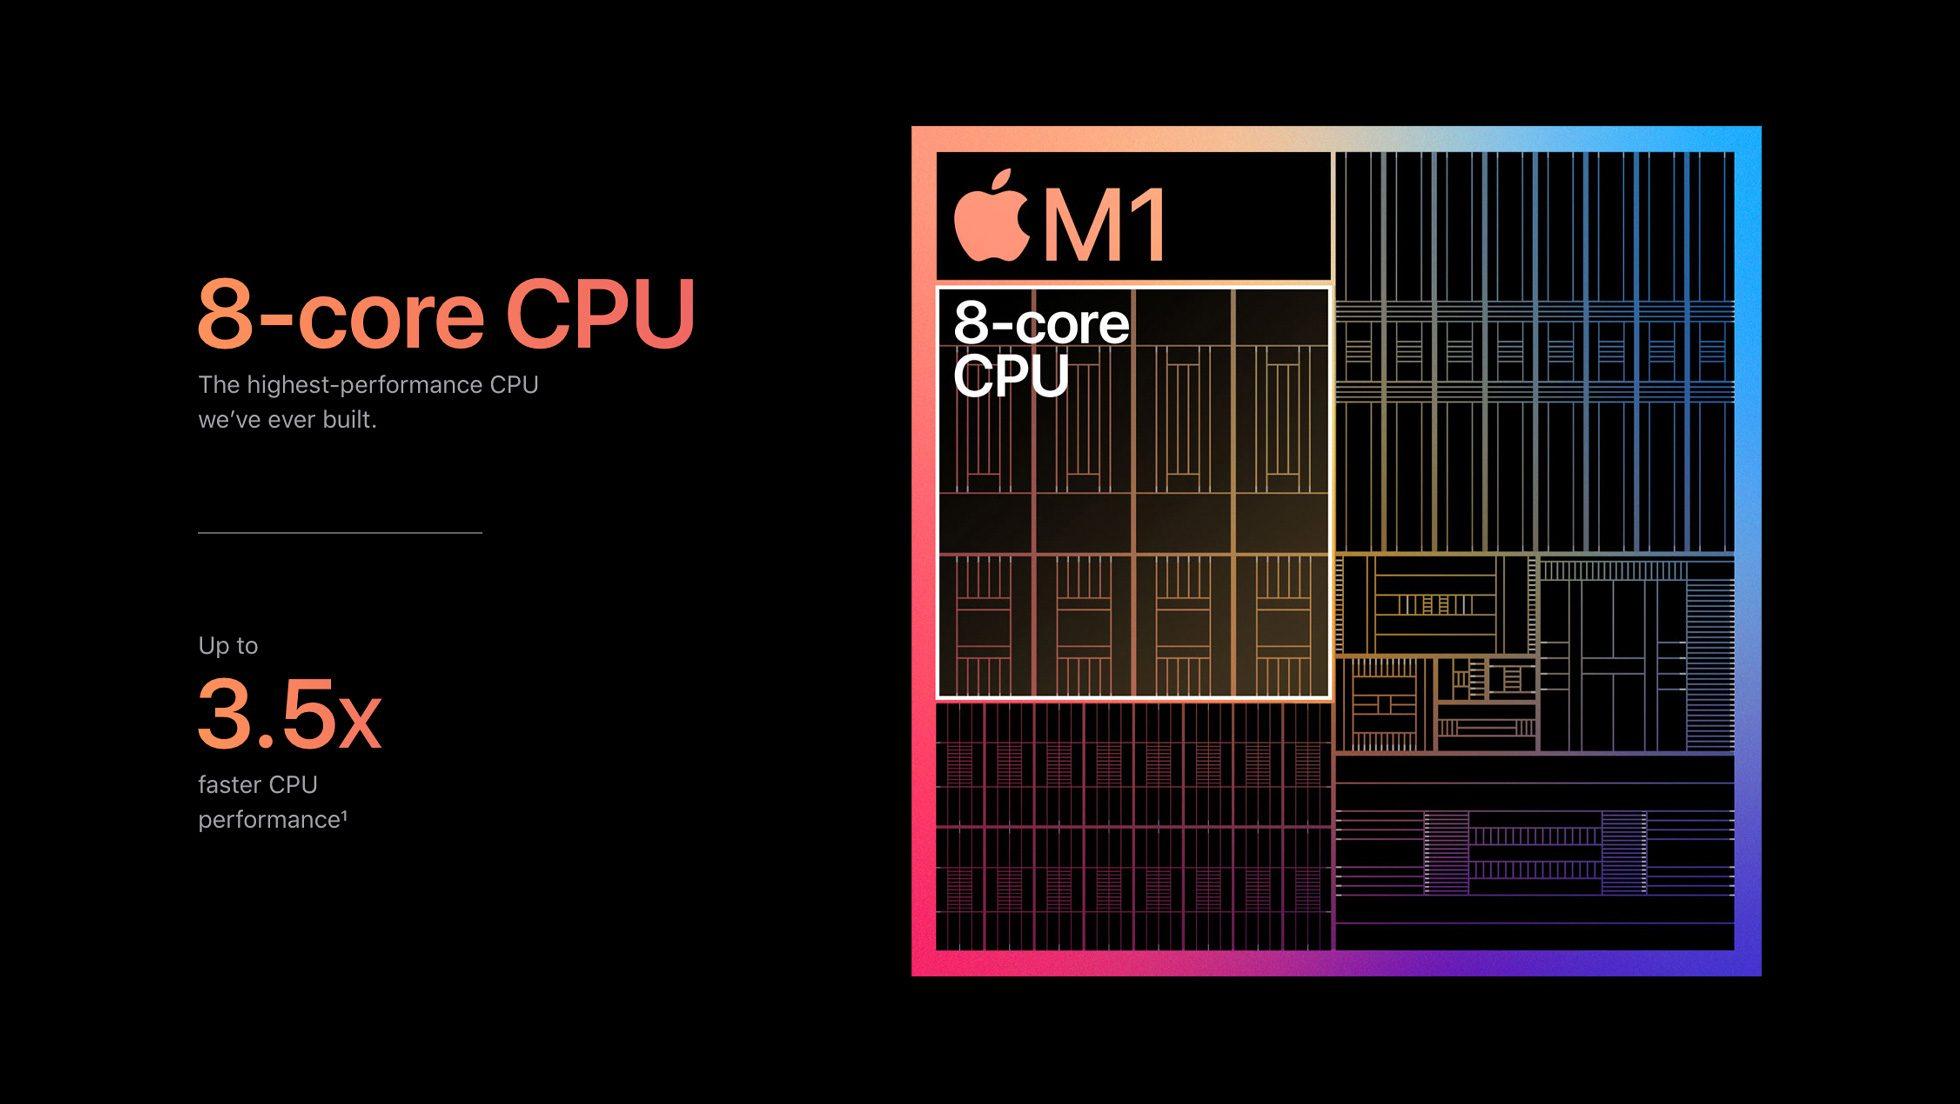 CPU 8 lõi đem lại hiệu suất cao nhưng vẫn tiết kiệm điện